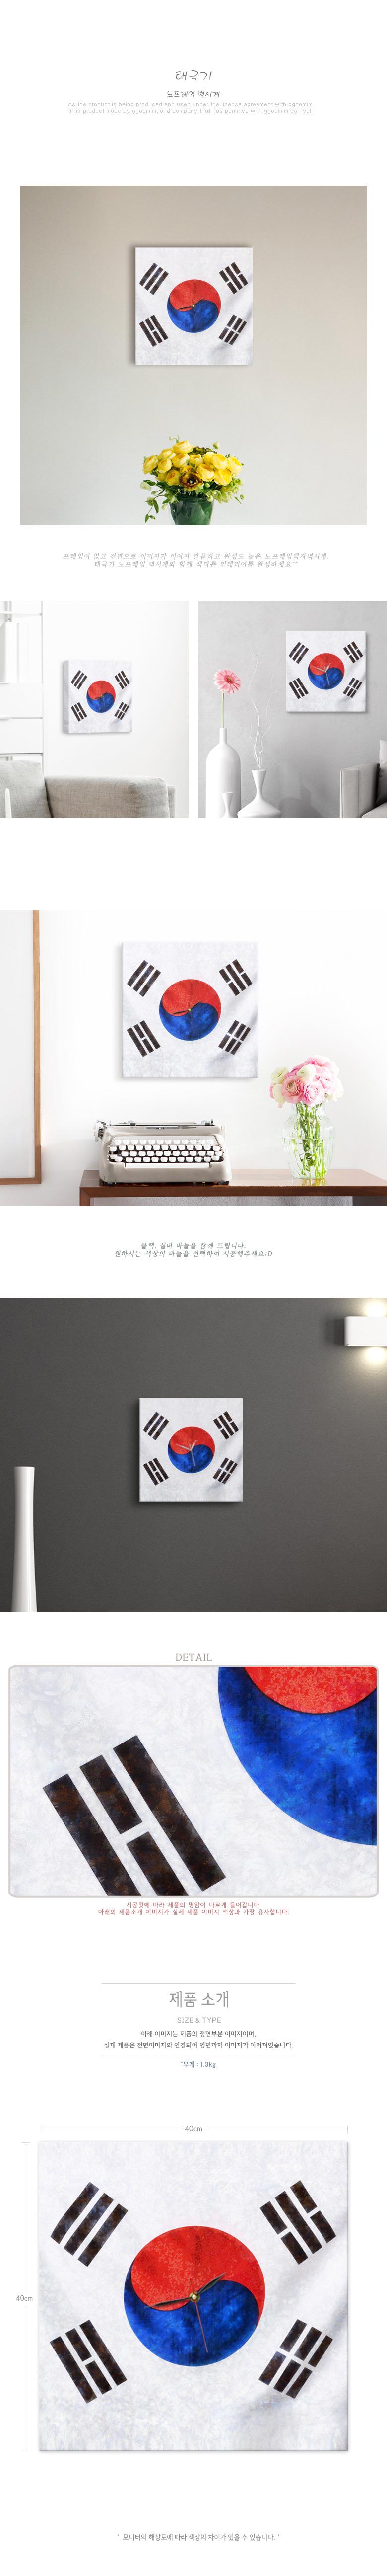 it090-태극기_노프레임벽시계 - 꾸밈, 25,900원, 벽시계, 디자인벽시계